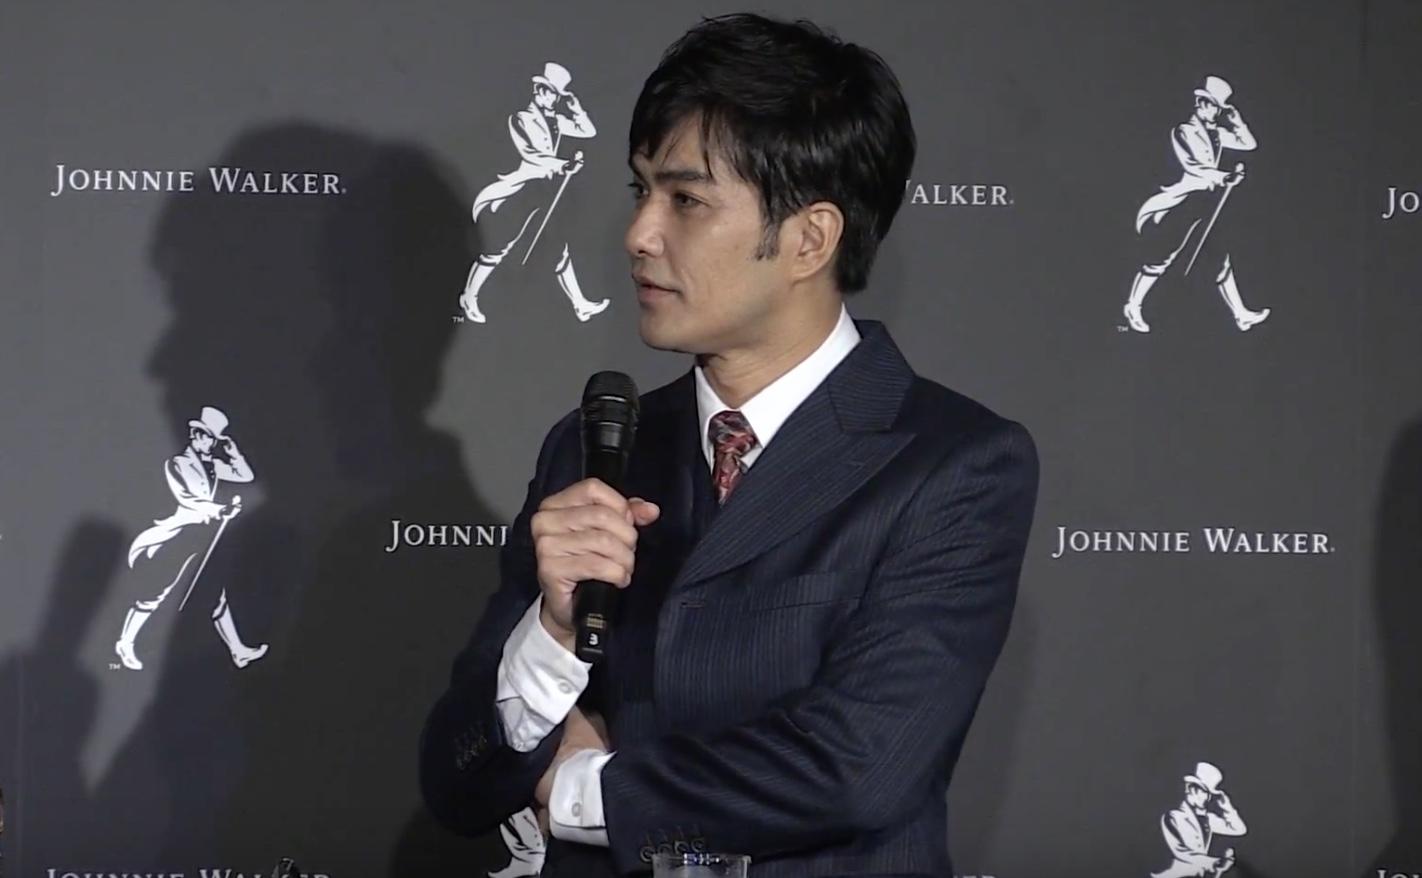 北村一輝の息子・北村将清の顔画像や年齢を紹介!また現在は俳優活動を辞めプロダンサーになっていた!